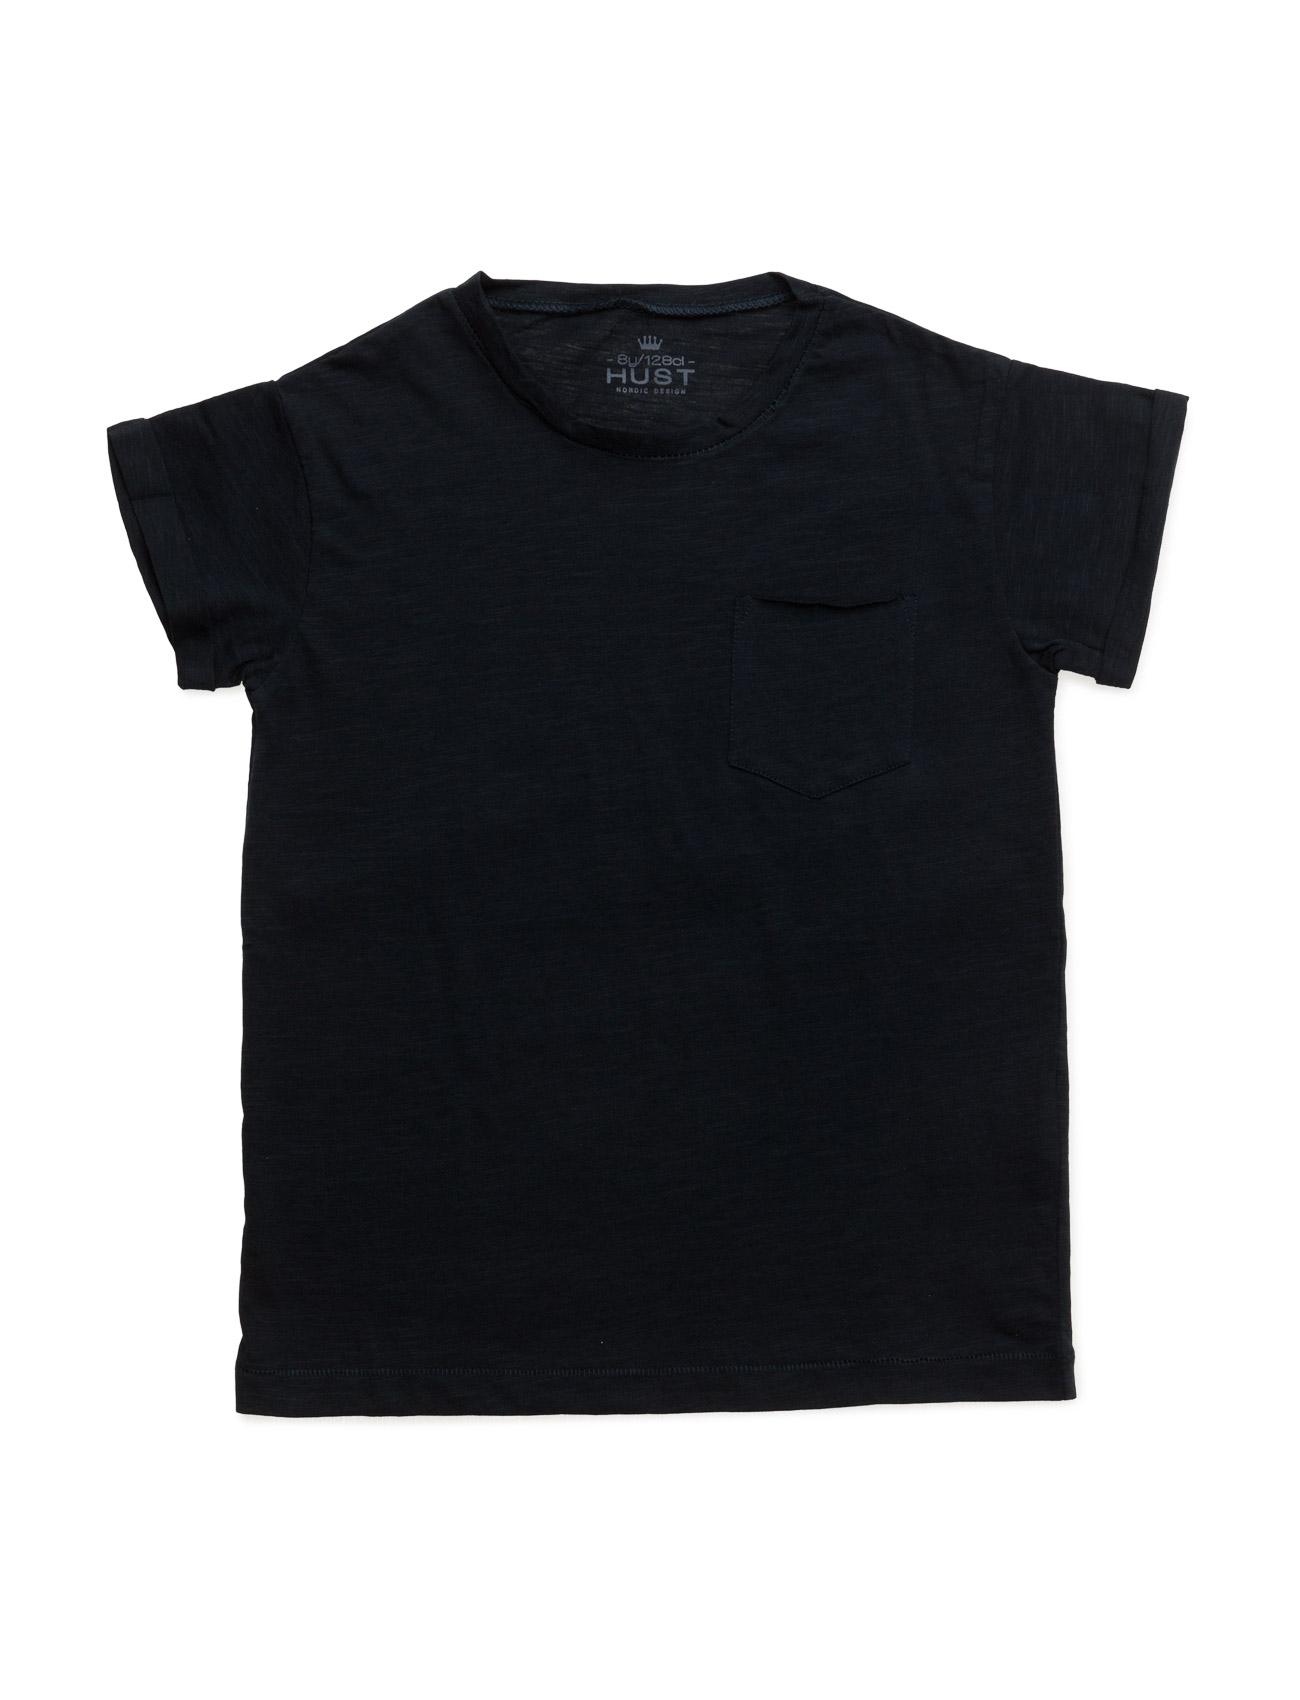 T-Shirt Hust & Claire Kortærmede t-shirts til Børn i